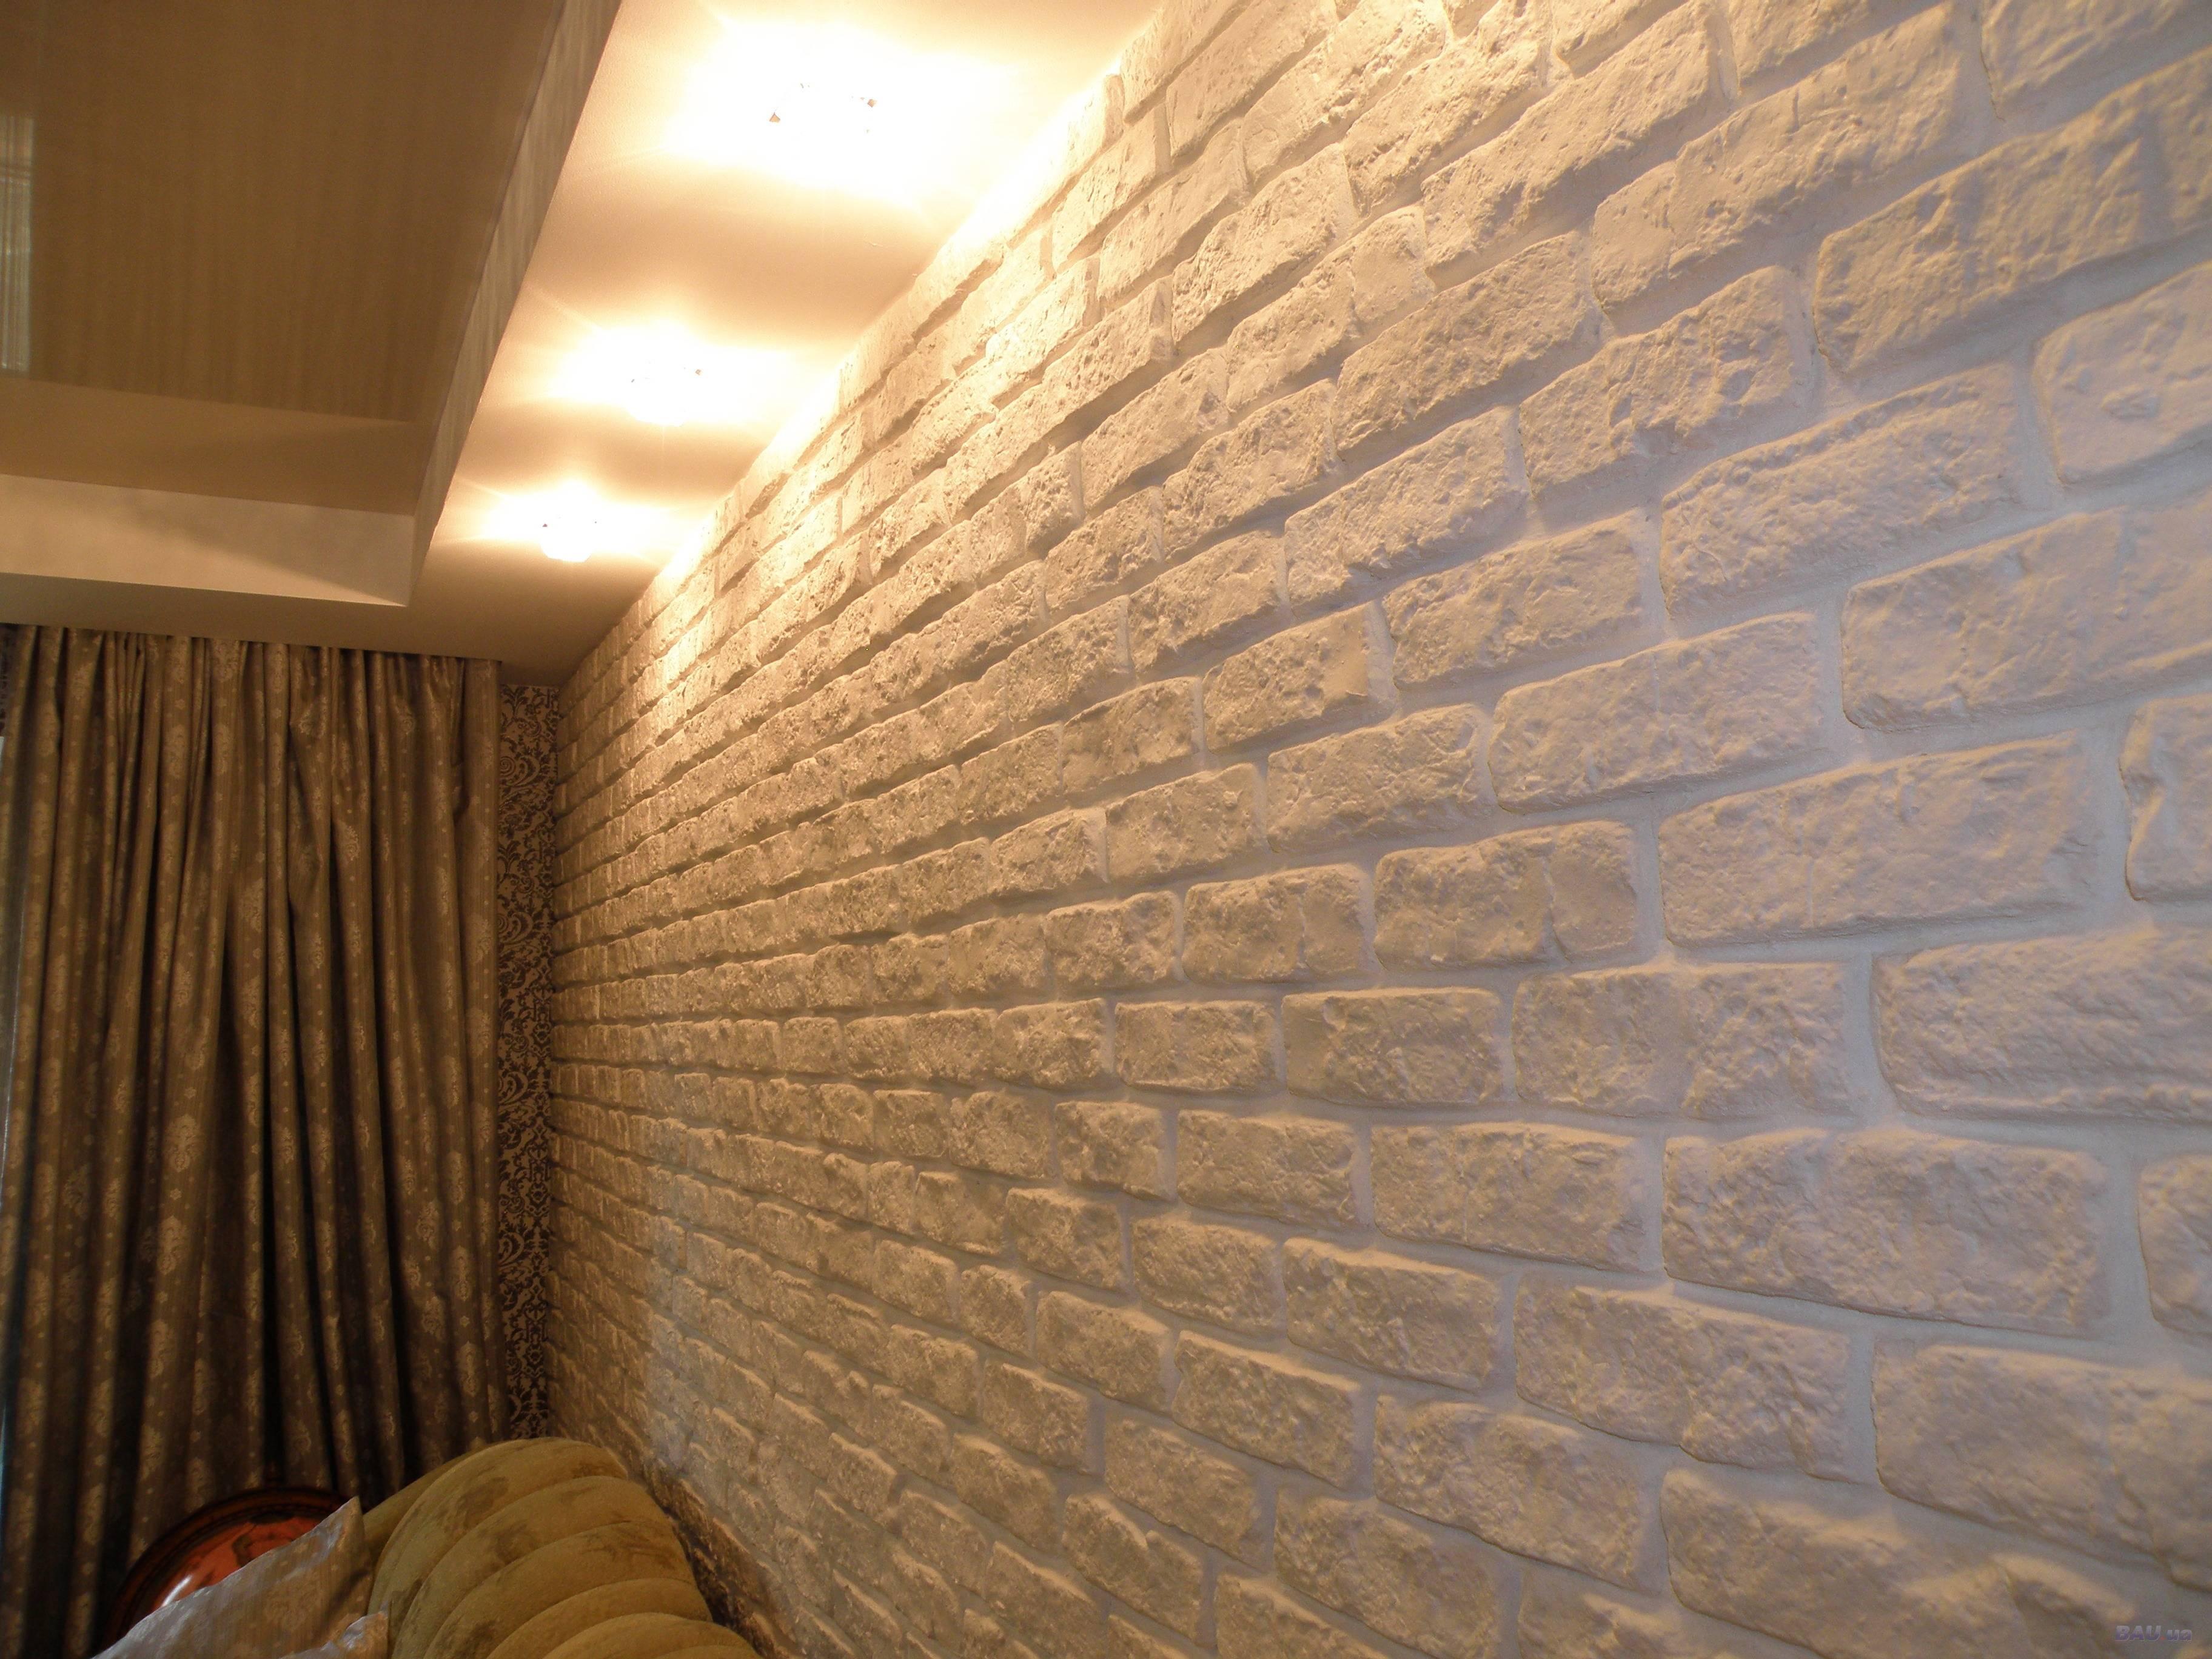 Укладка гипсовой плитки (44 фото): как класть изделие под кирпич и камень на стену, как сделать плитку своими руками, облицовка камина